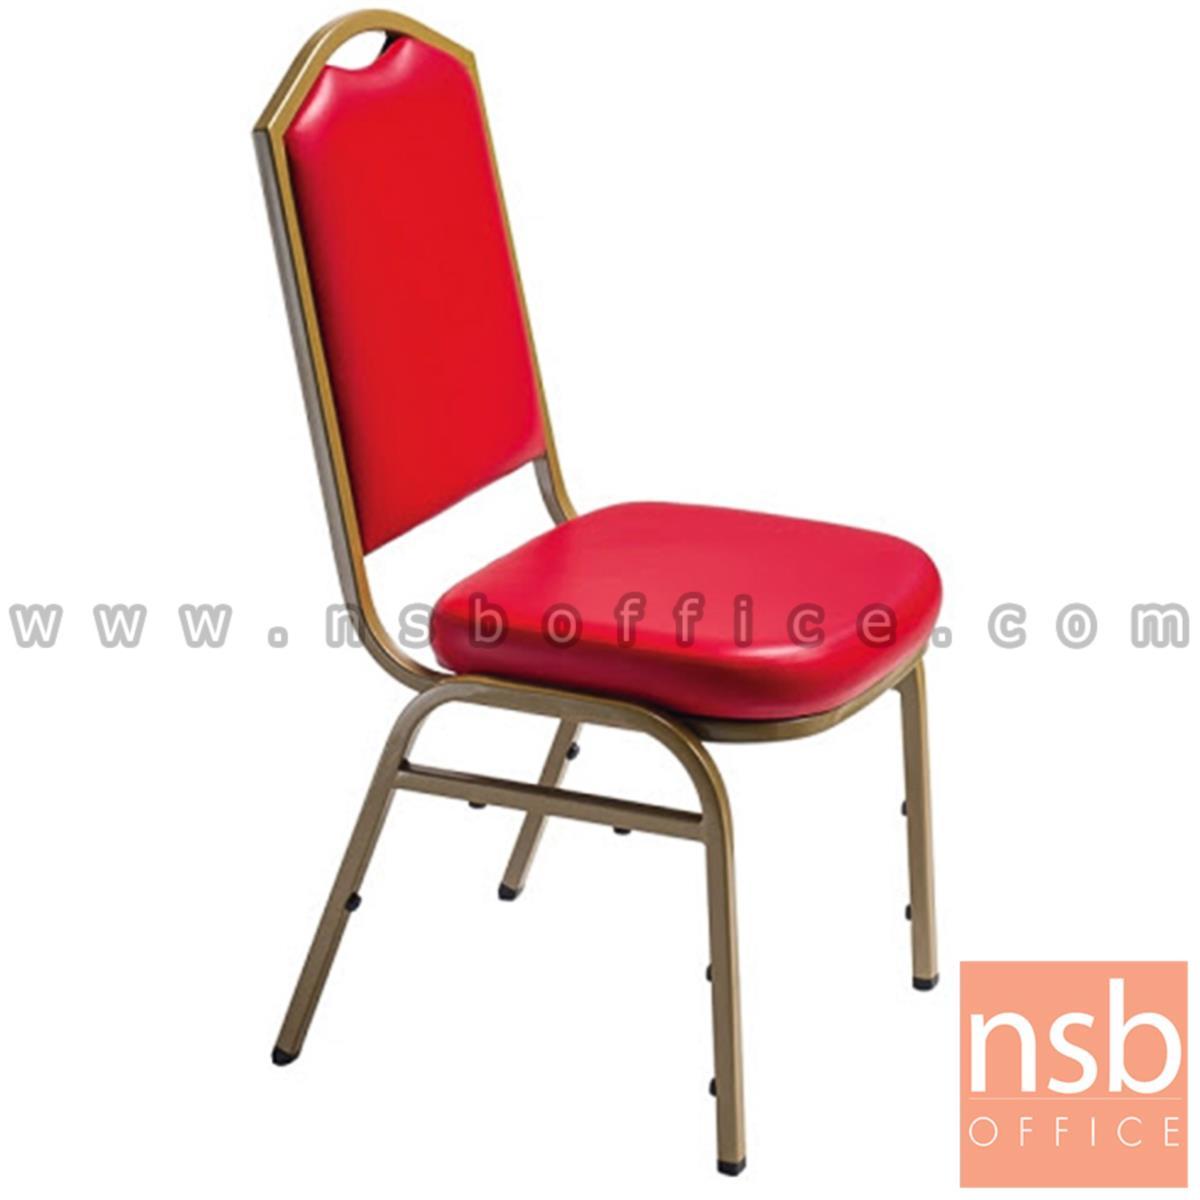 B08A087:เก้าอี้อเนกประสงค์จัดเลี้ยง รุ่น Luckin (ลัคคิน) ขนาด 97H cm. หุ้มหนัง ขาเหล็กพ่นสี